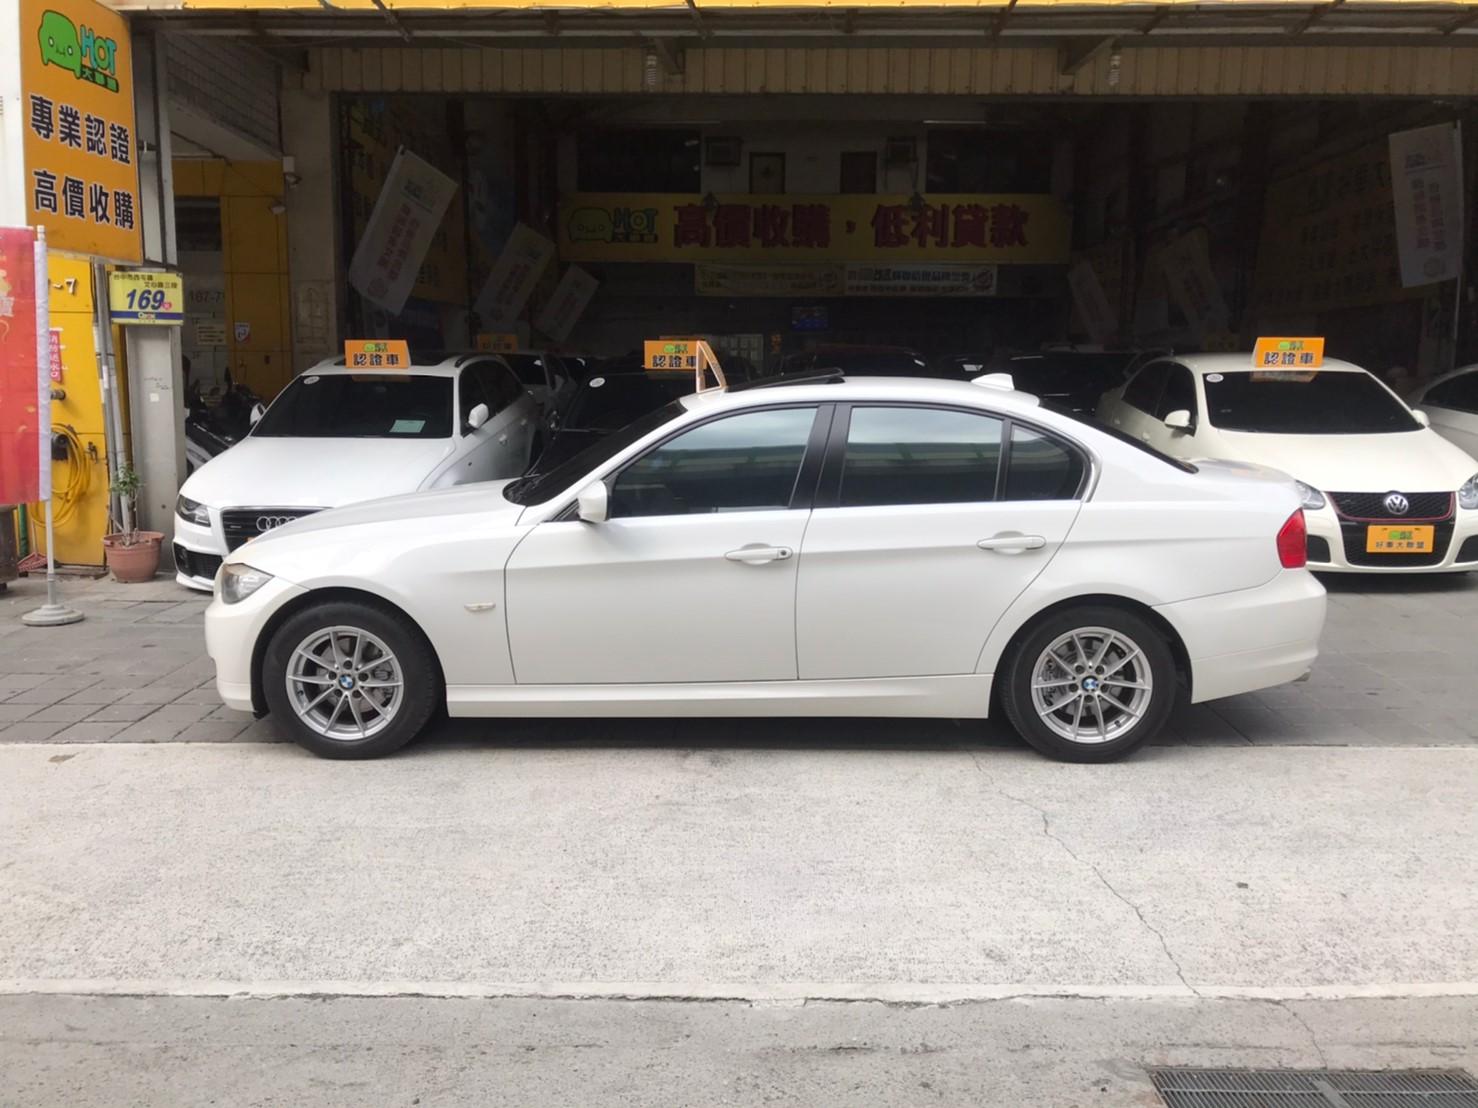 2011 BMW 寶馬 3 series sedan